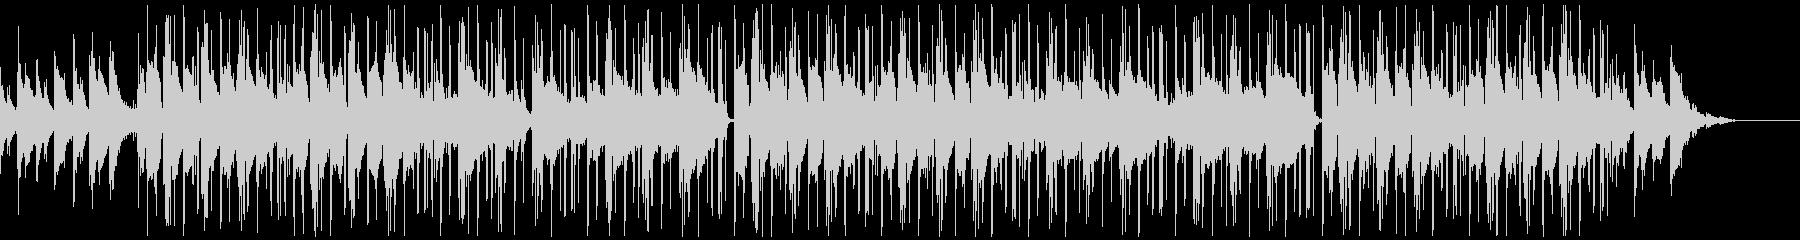 穏やか・メランコリック/チルアウトBGMの未再生の波形